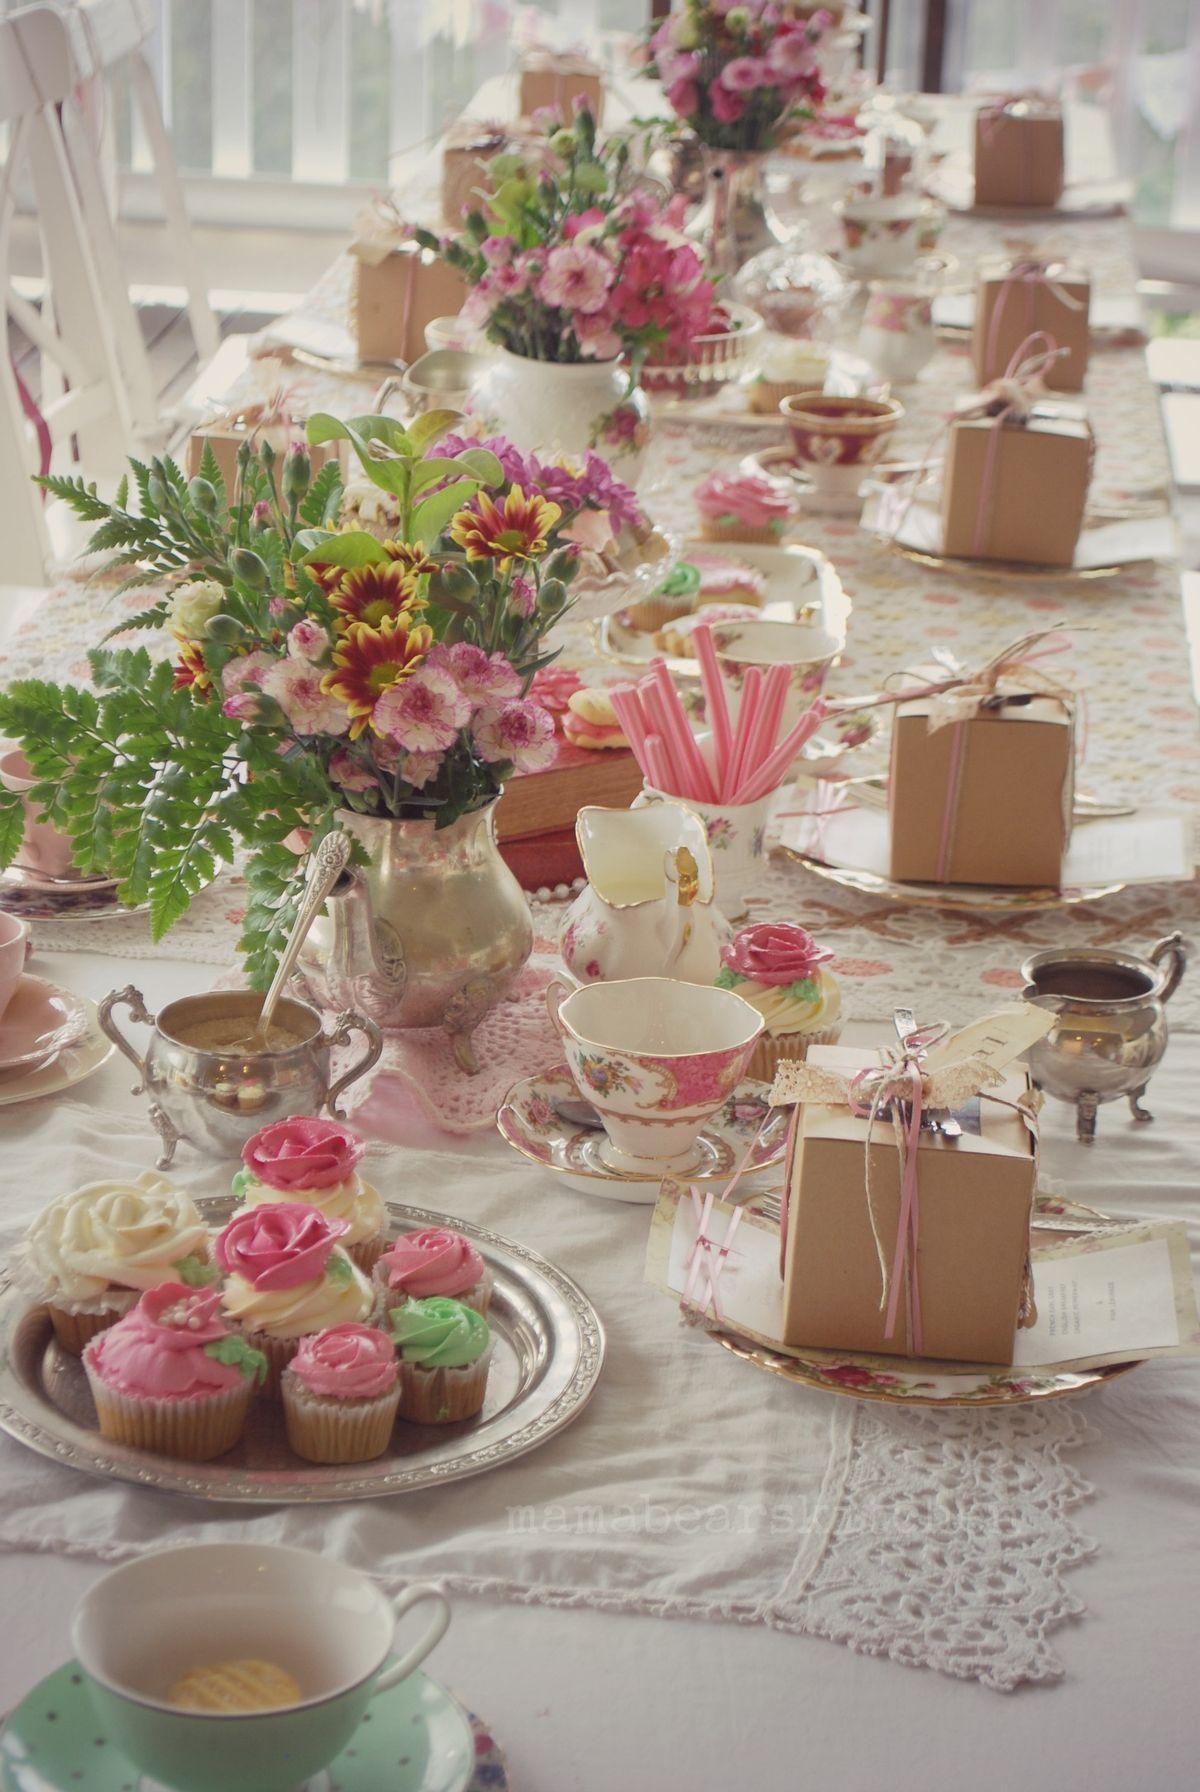 Beautiful High Tea Setting And I Love The Musk Sticks Idea